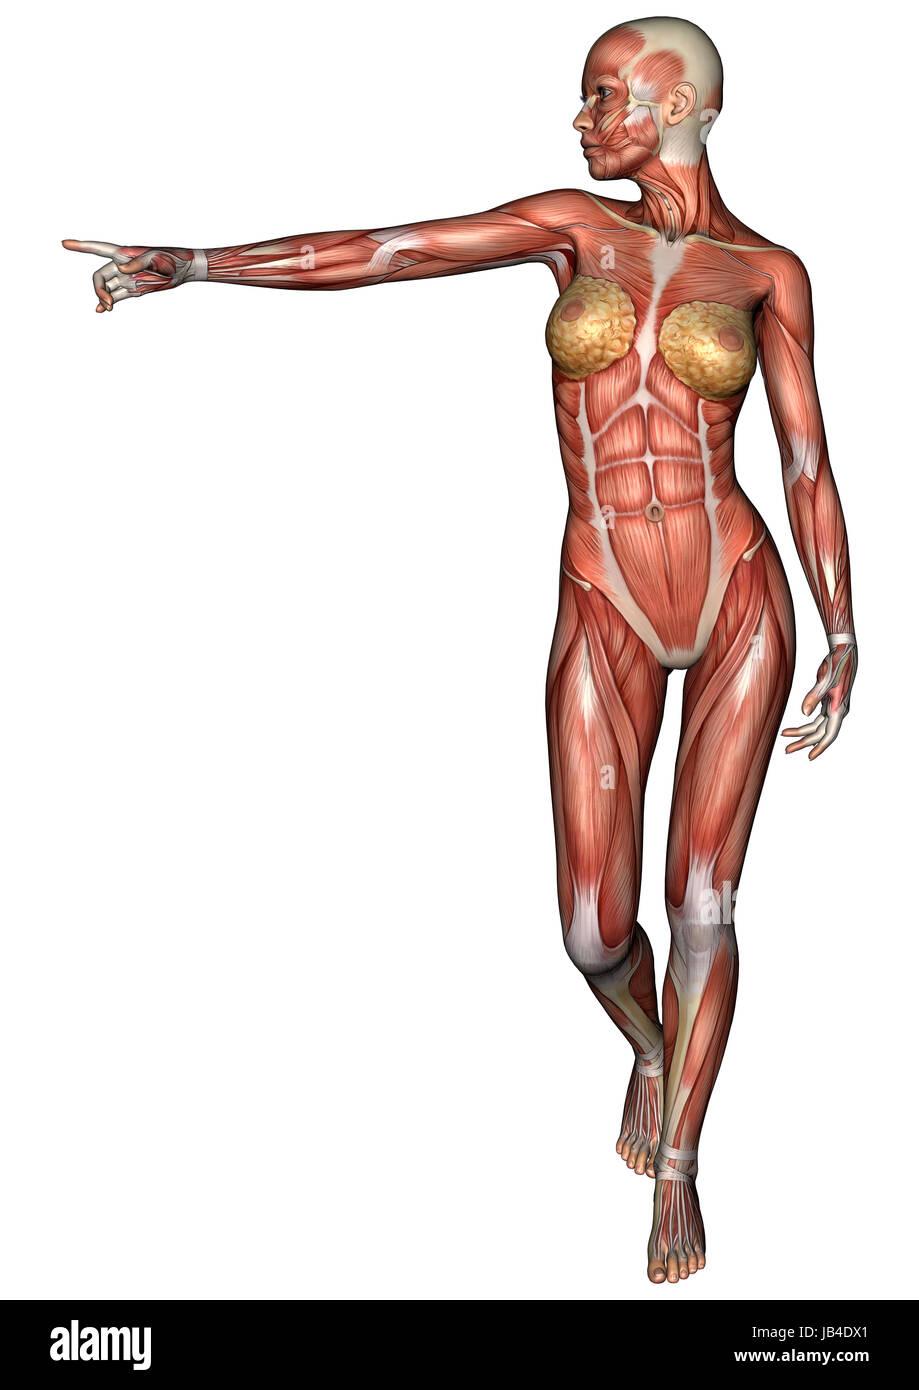 Fein Anatomie Der Ellbogen Muskeln Galerie - Anatomie Ideen ...